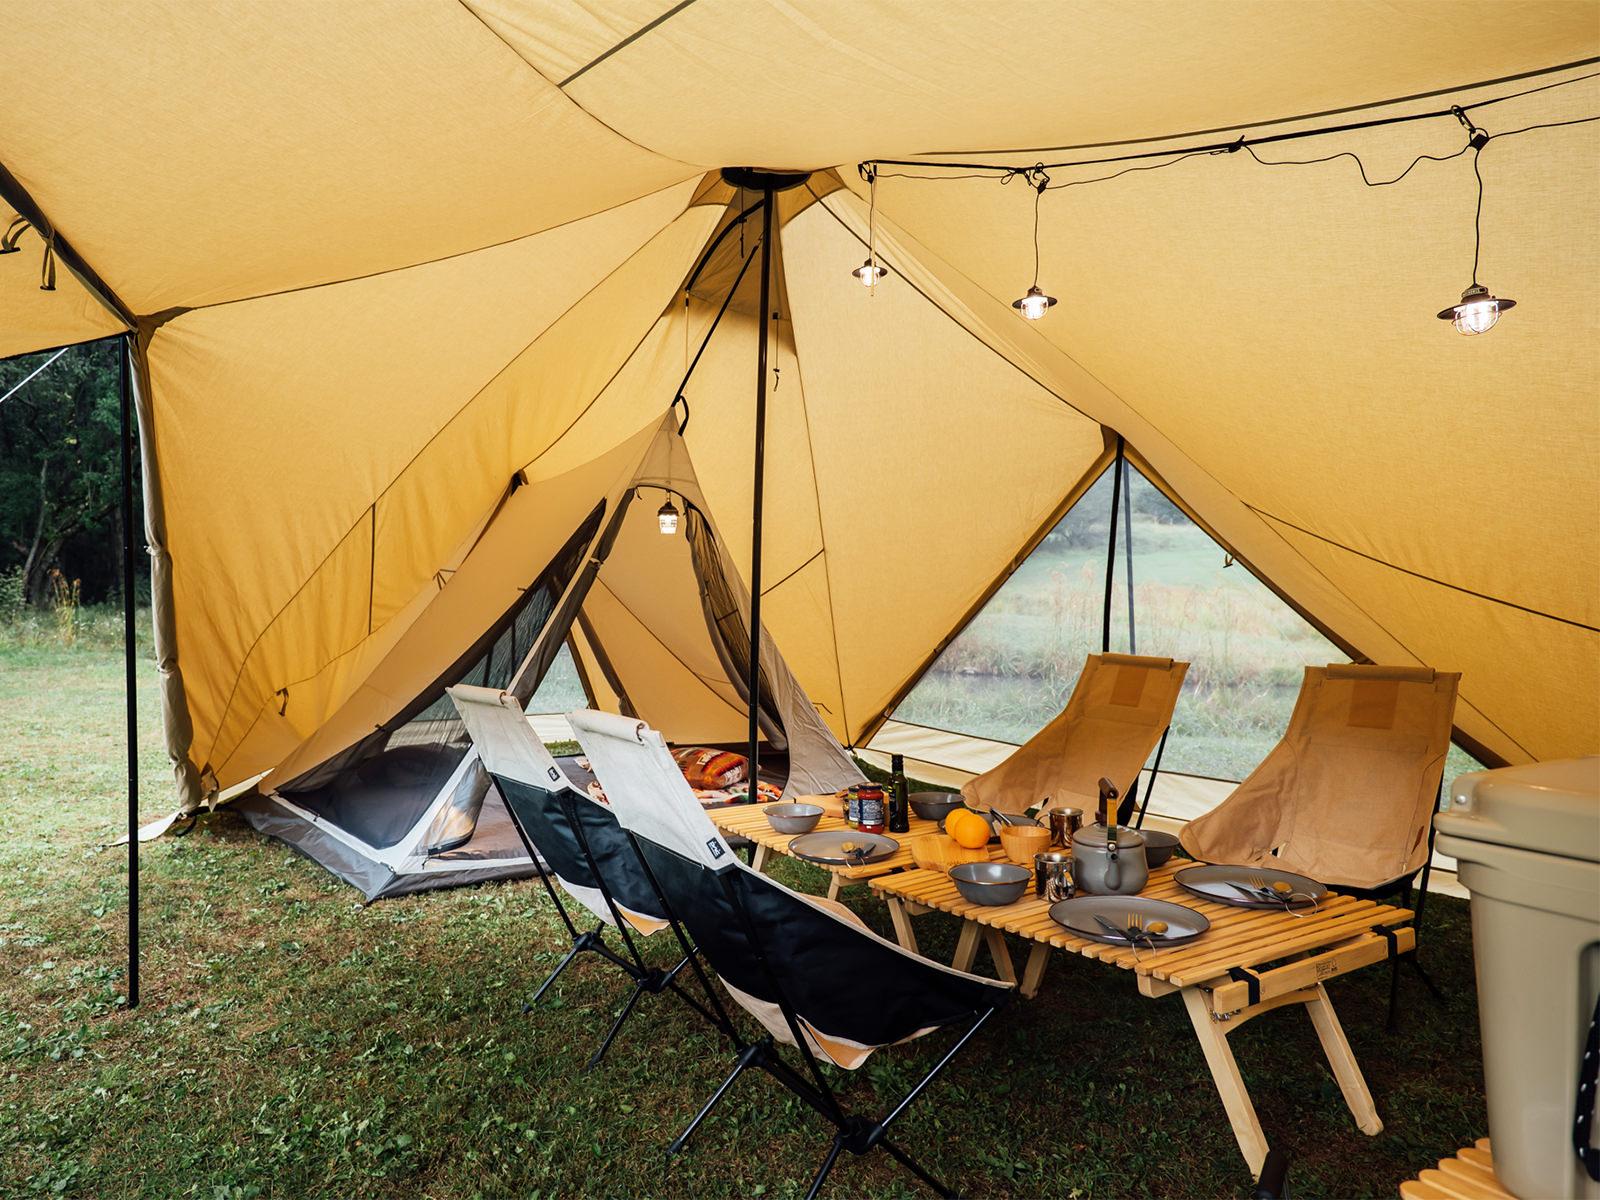 パイロット スカイ SABBATICAL (サバティカル)のテントやシェルターに魅了される!